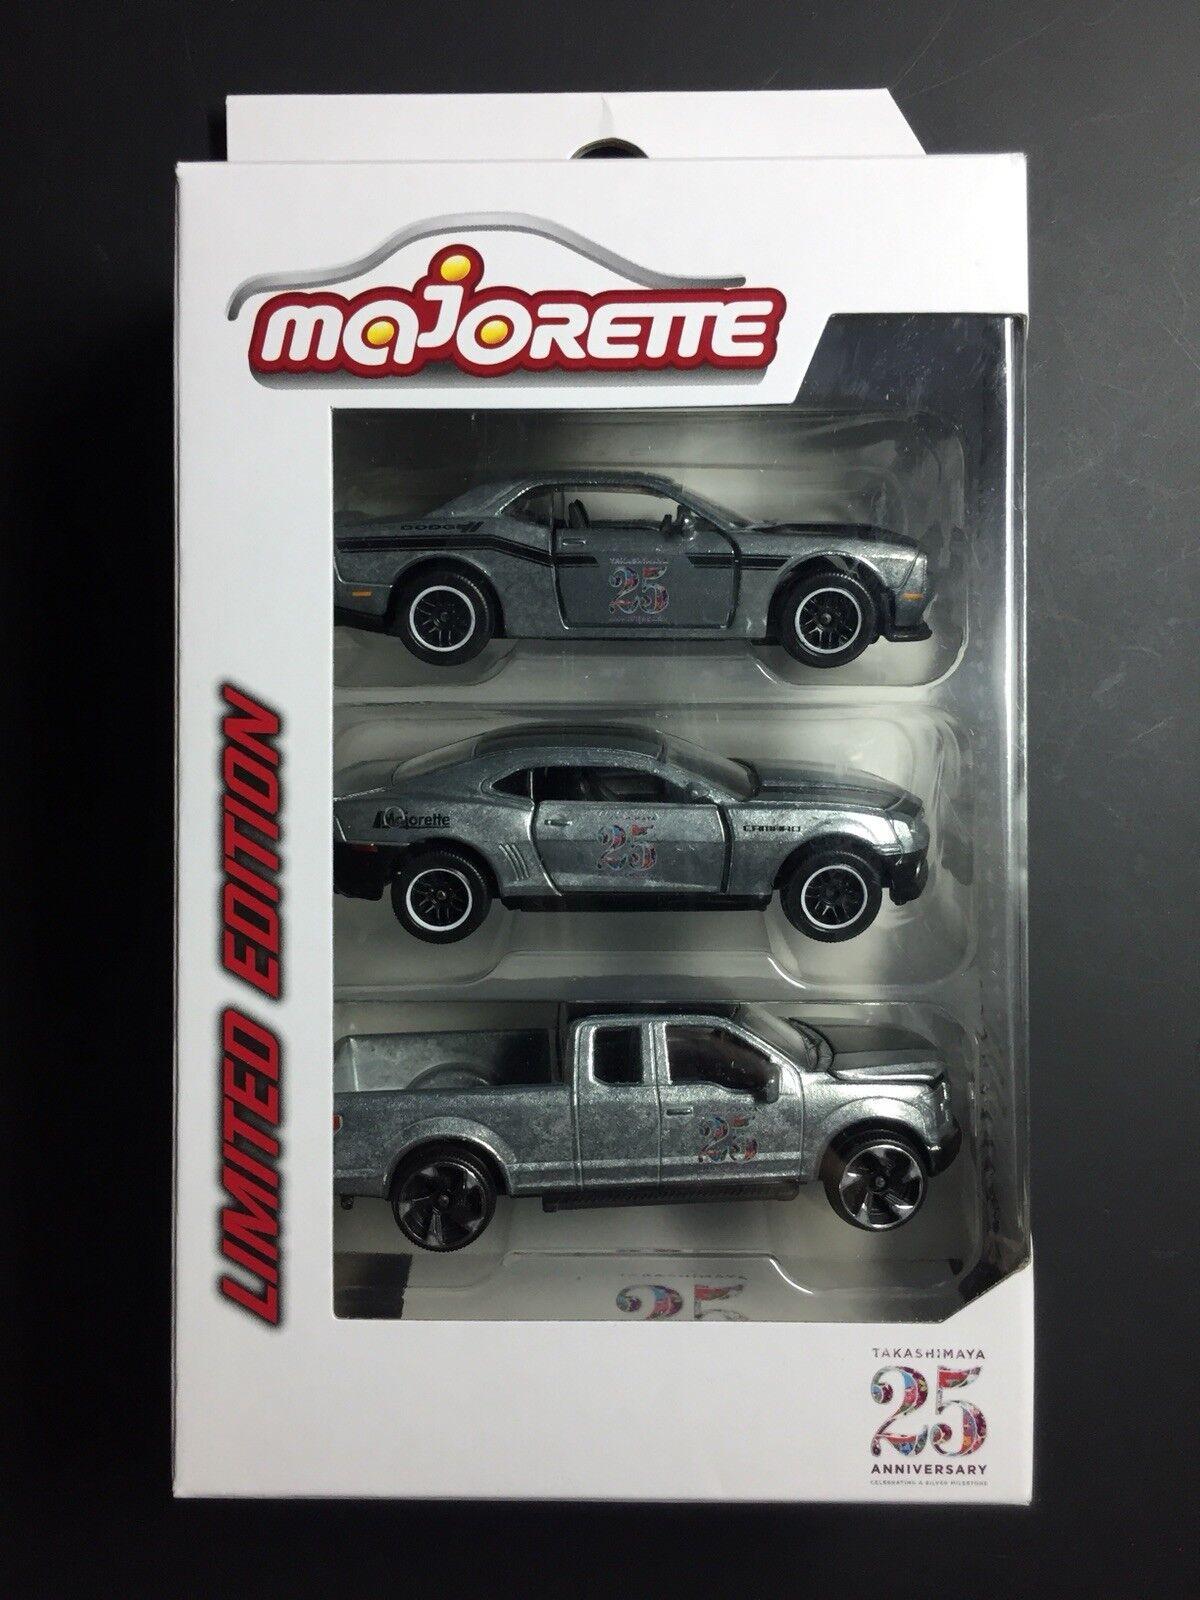 Majorette TAKASHIMAYA 25 ANNIVERSARY Diecast Model Car Car Car Set 842792